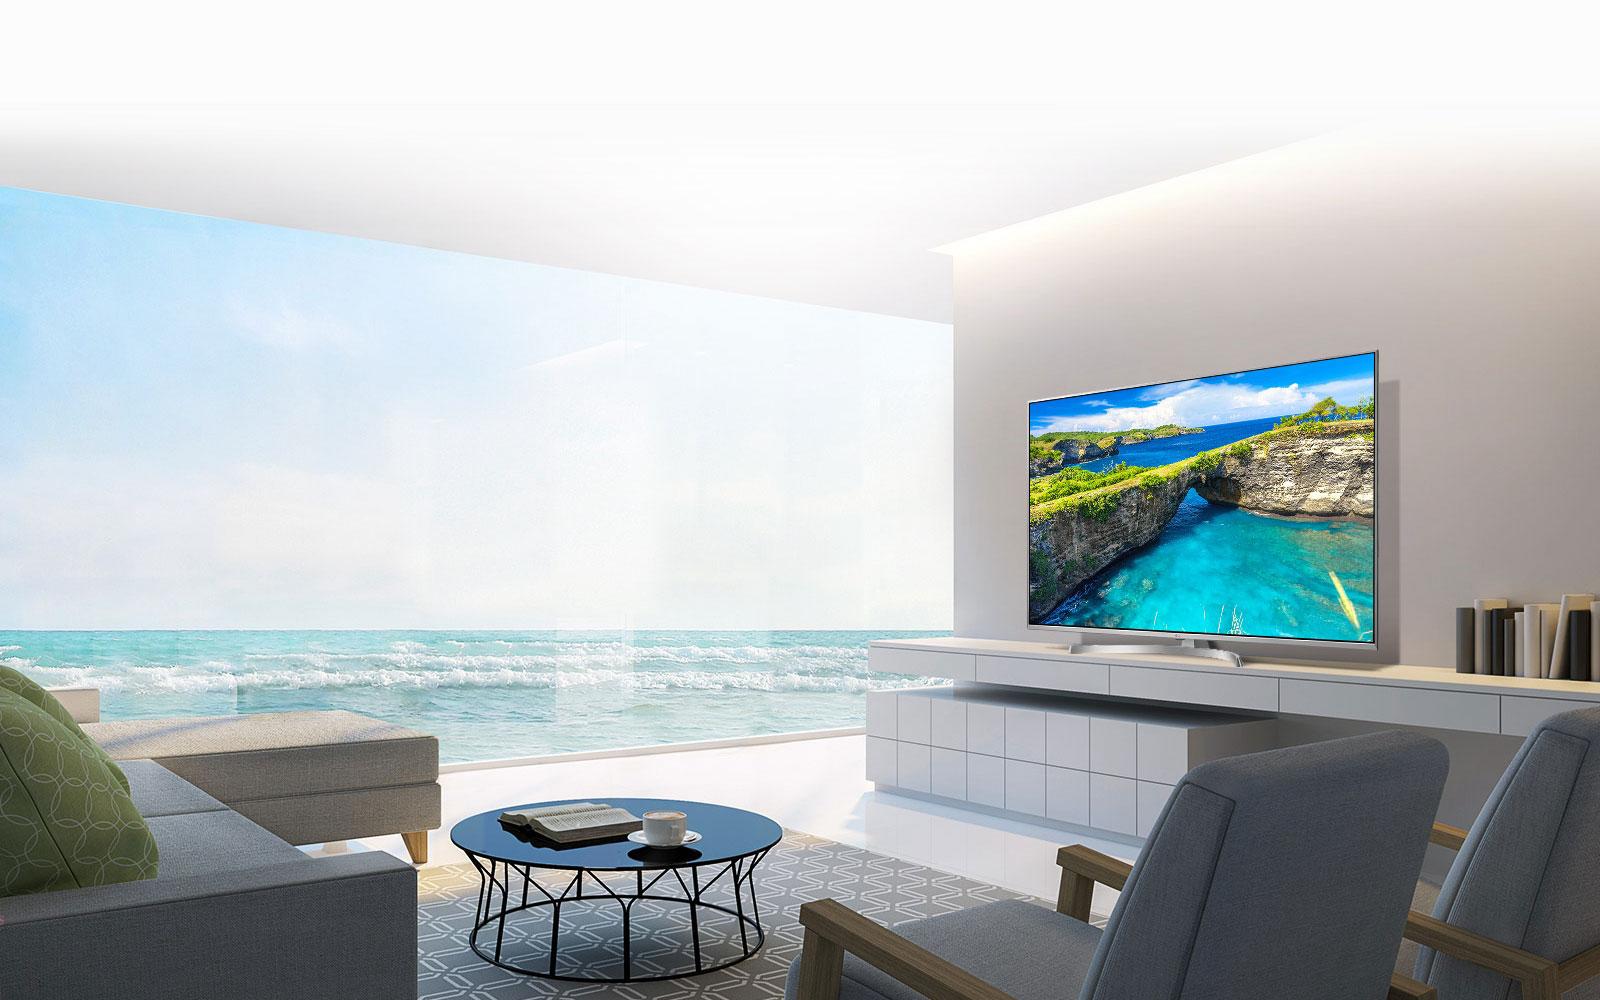 طراحی زیبا به همراه کیفیت فوق العاده تصویر در تلویزیون های هوشمند و 4K ال جی